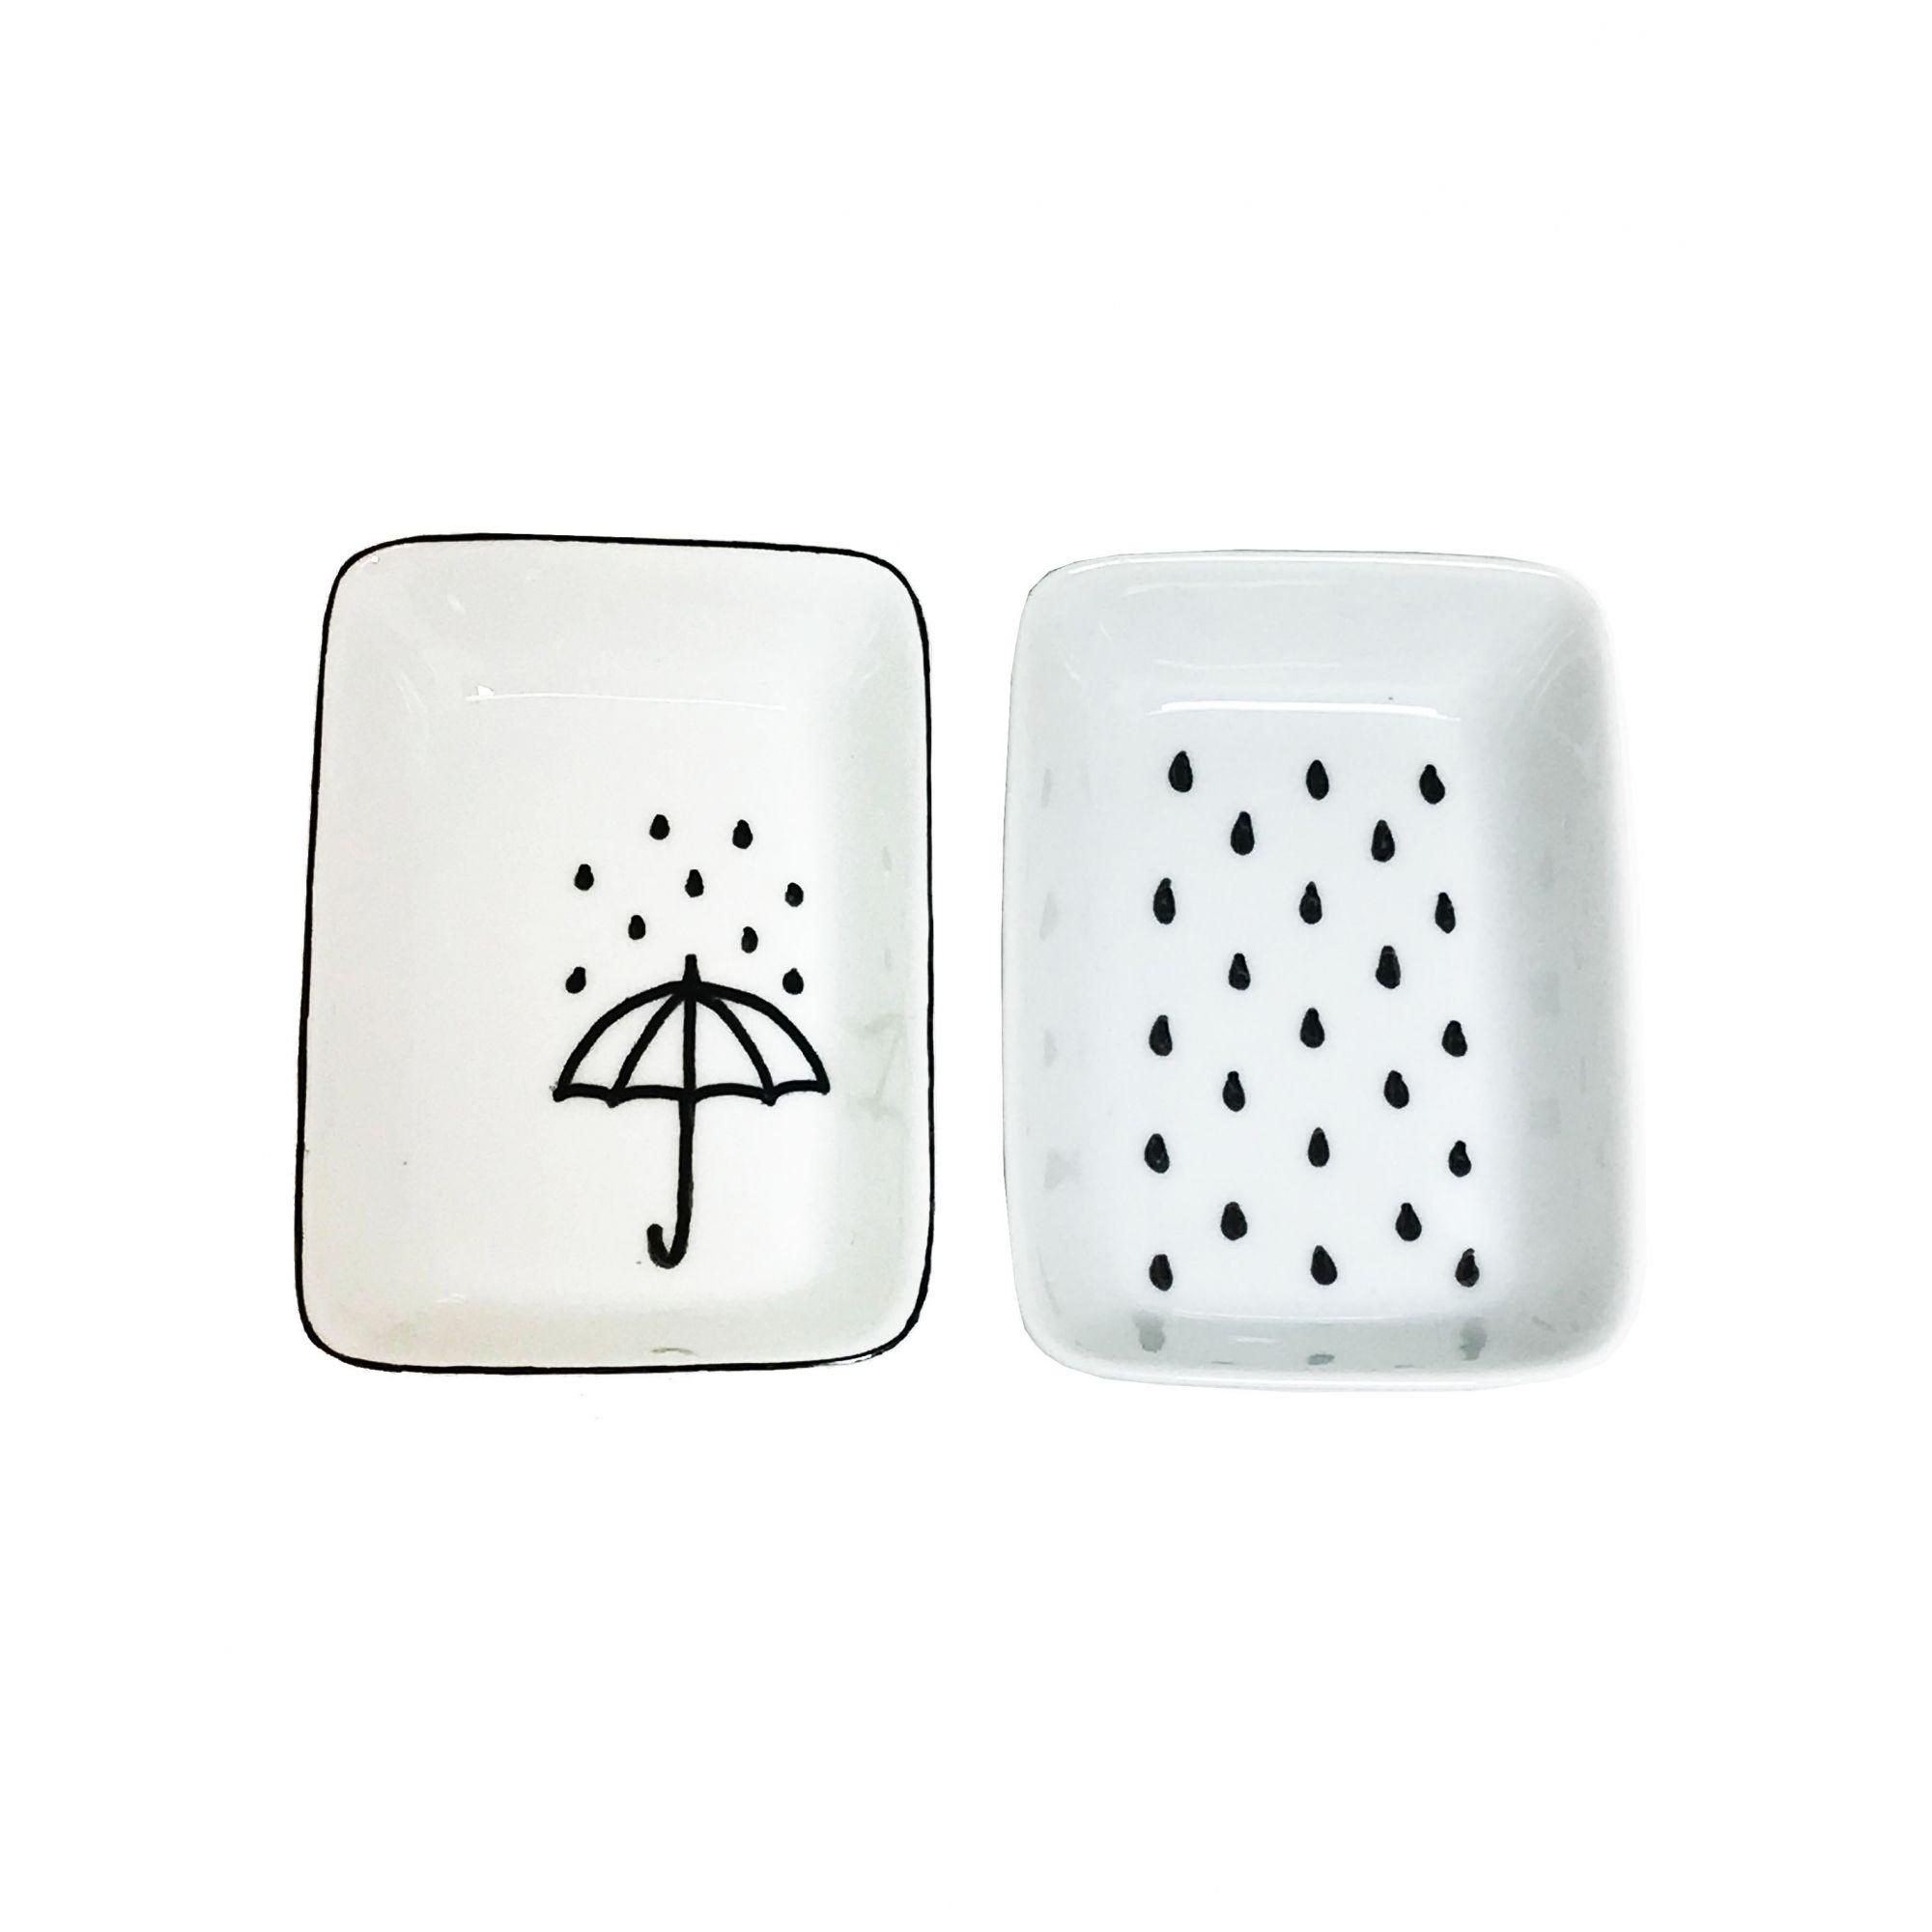 Prato Decorativo Multiuso Guarda-chuva Preto e Branco 2 Unidades